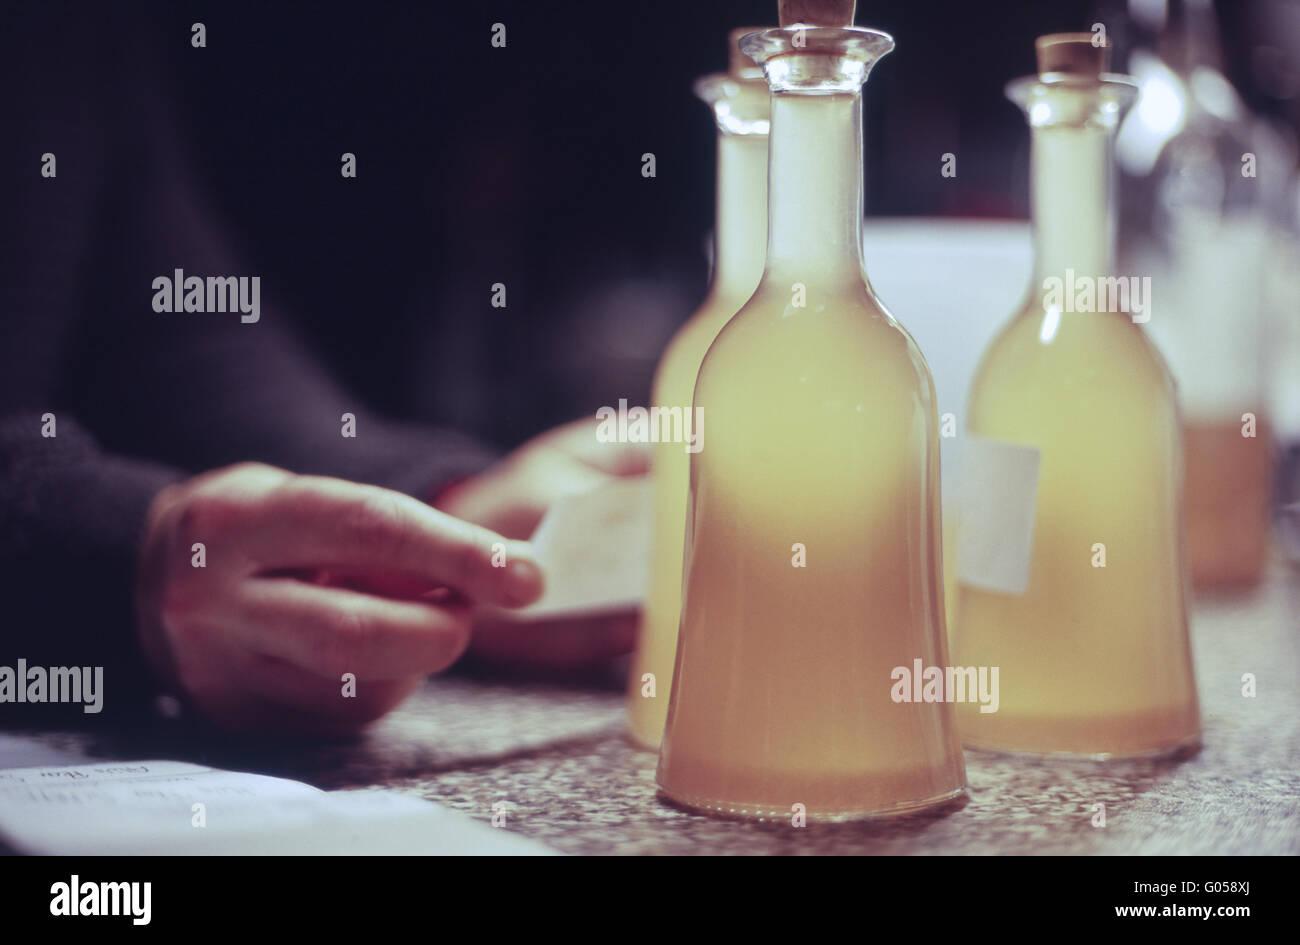 Schnapps Bottles Stockfotos & Schnapps Bottles Bilder - Seite 2 - Alamy